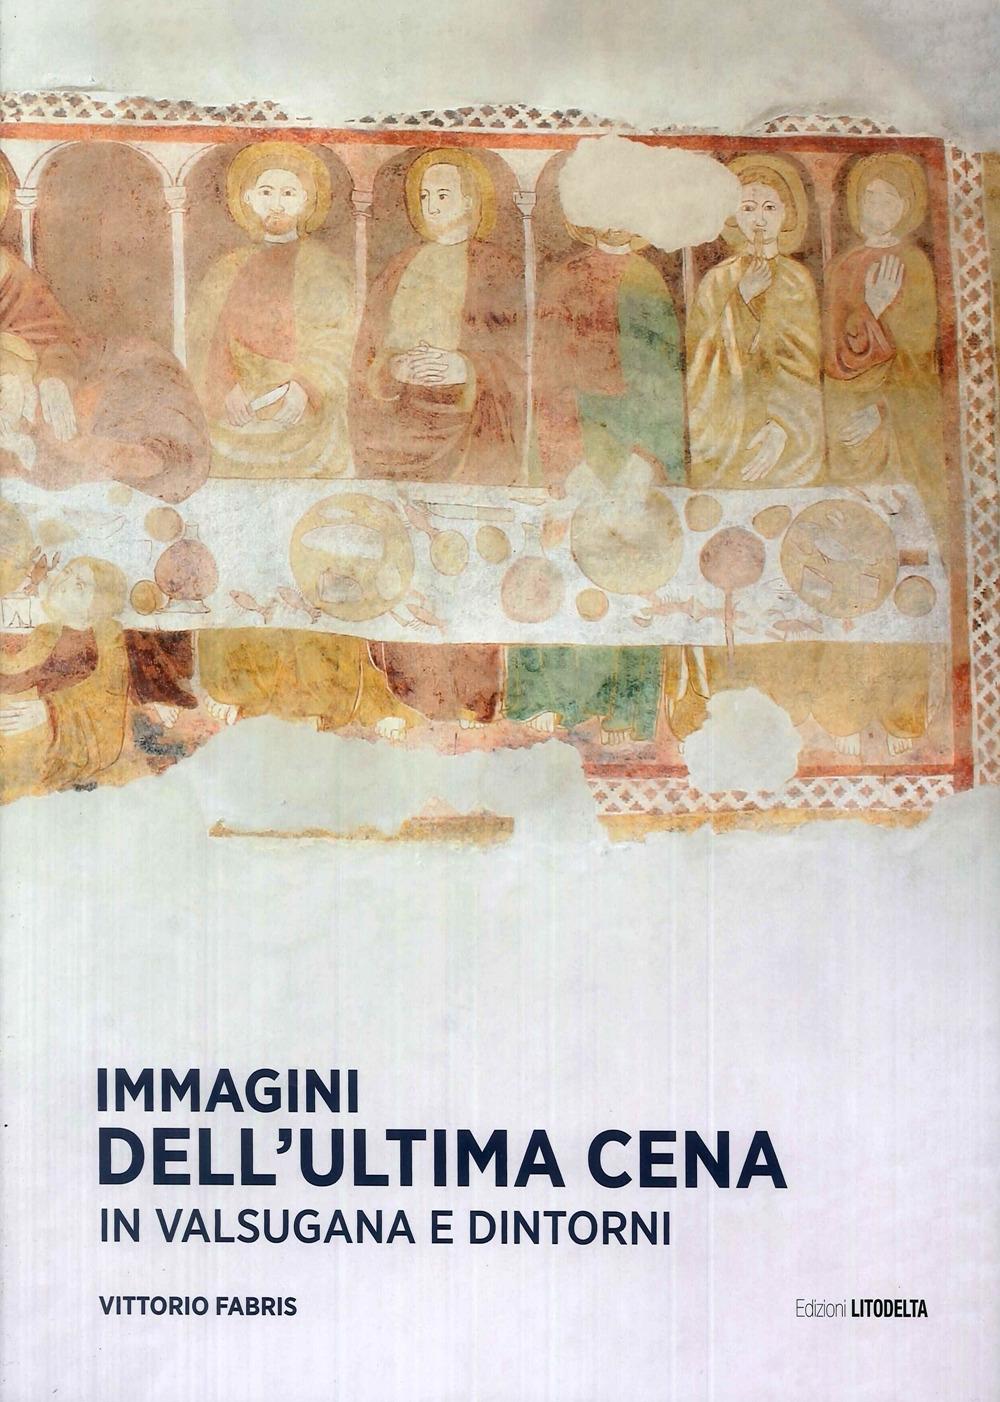 Immagini Dell'Ultima Cena in Valsugana e dintorni